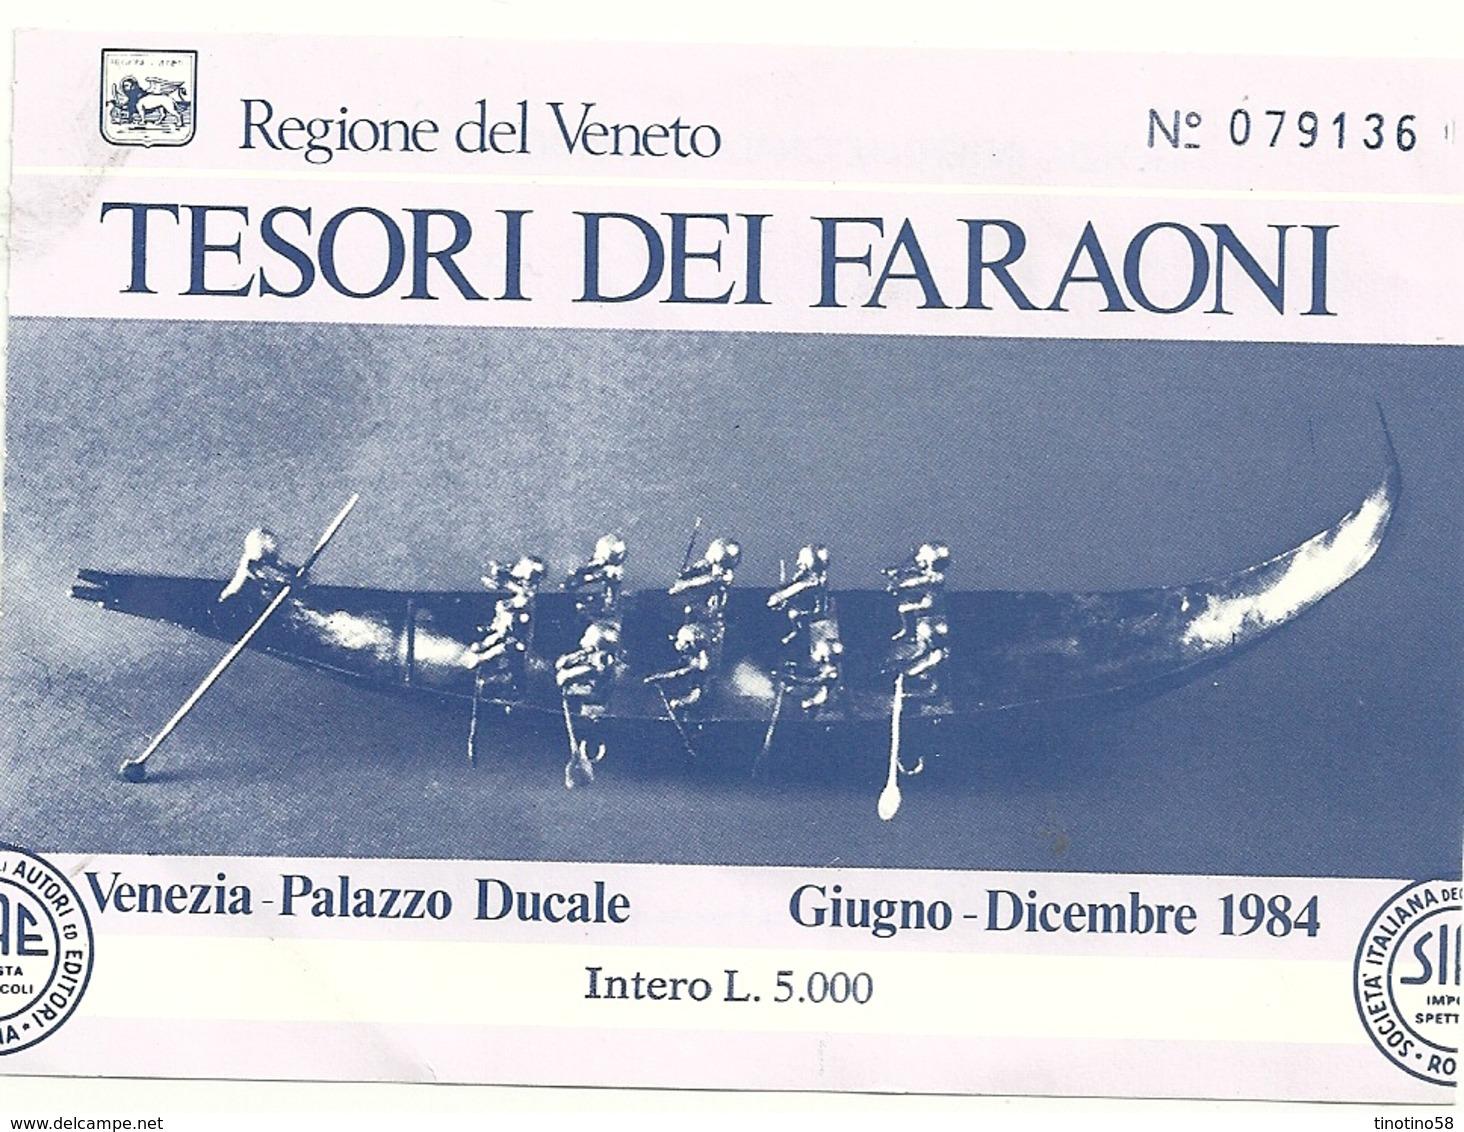 TESORO  DEI  FARAONI  BIGLIETTI  REGIONE  VENETO--  PALAZZO  DUCALE  VENEZIA 1984  --2  PEZZI -- - Archéologie